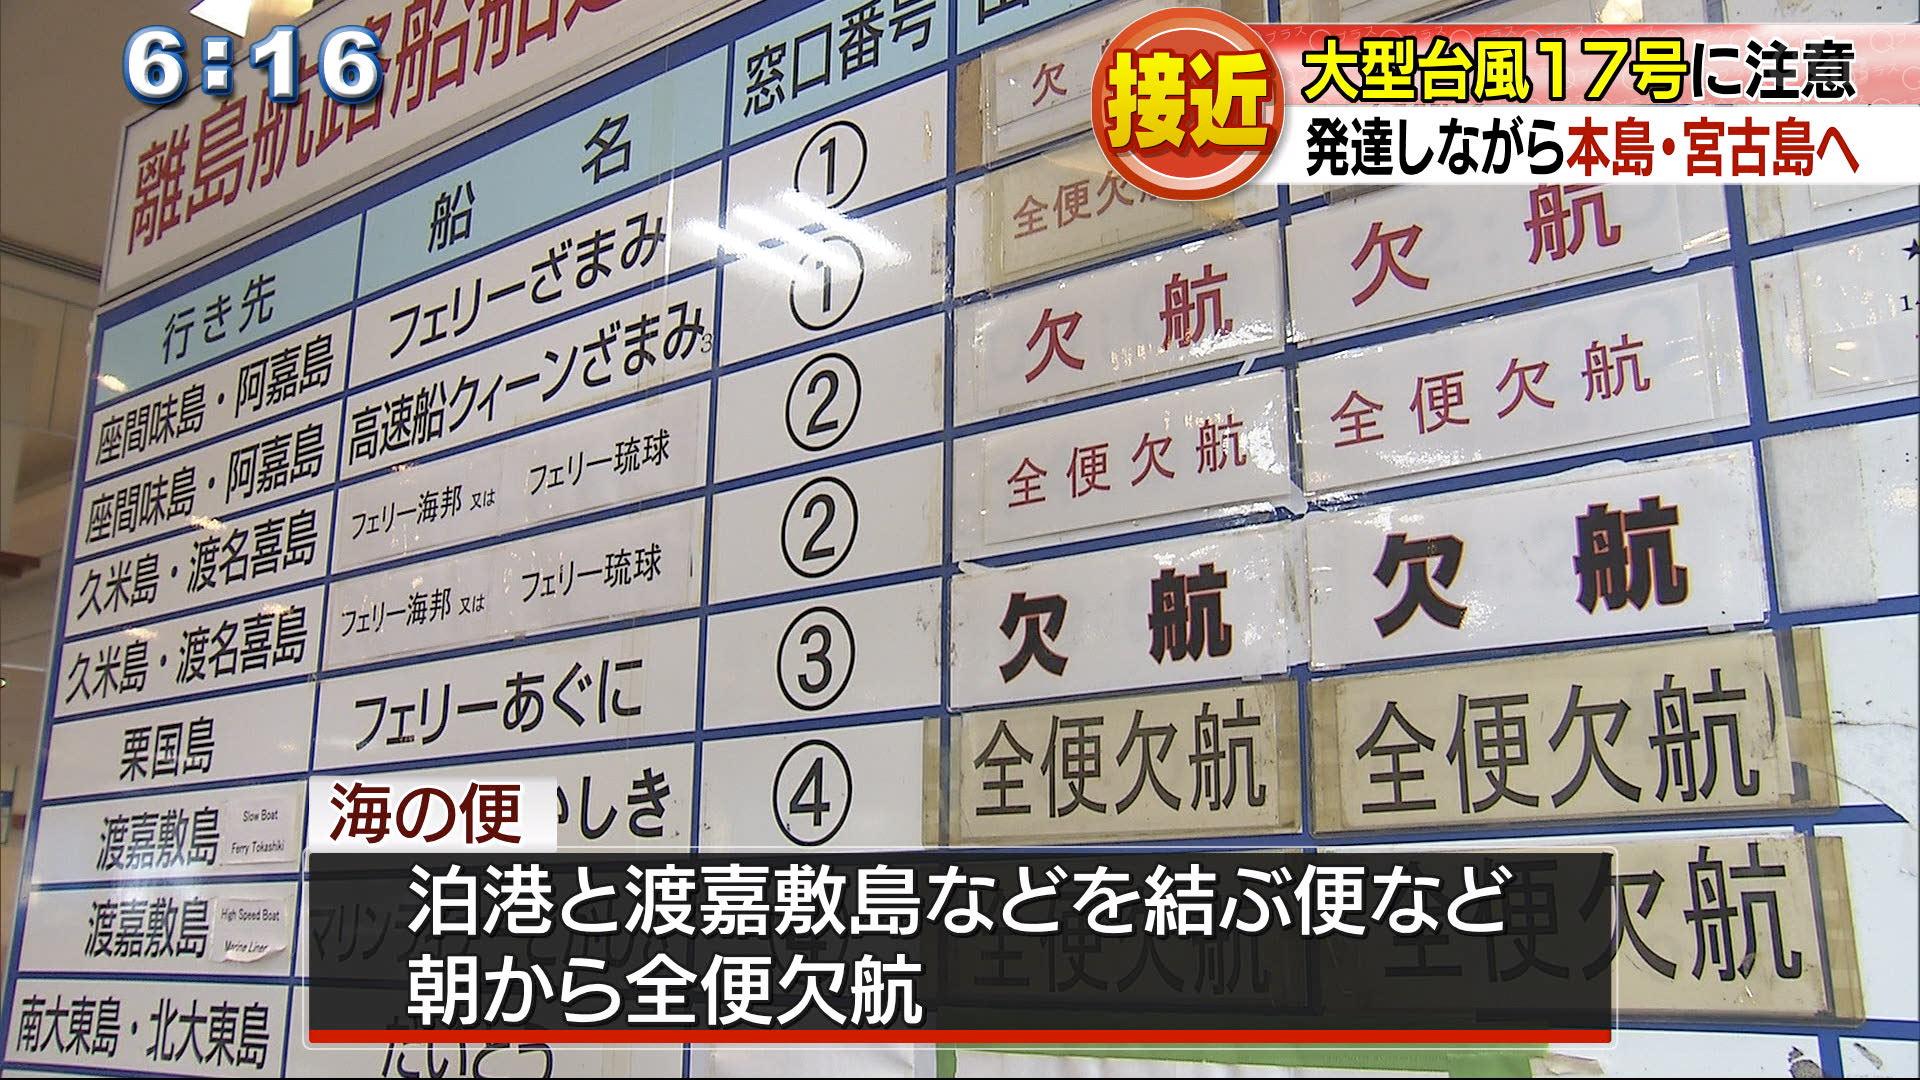 台風17号 宮古島では暴風警報